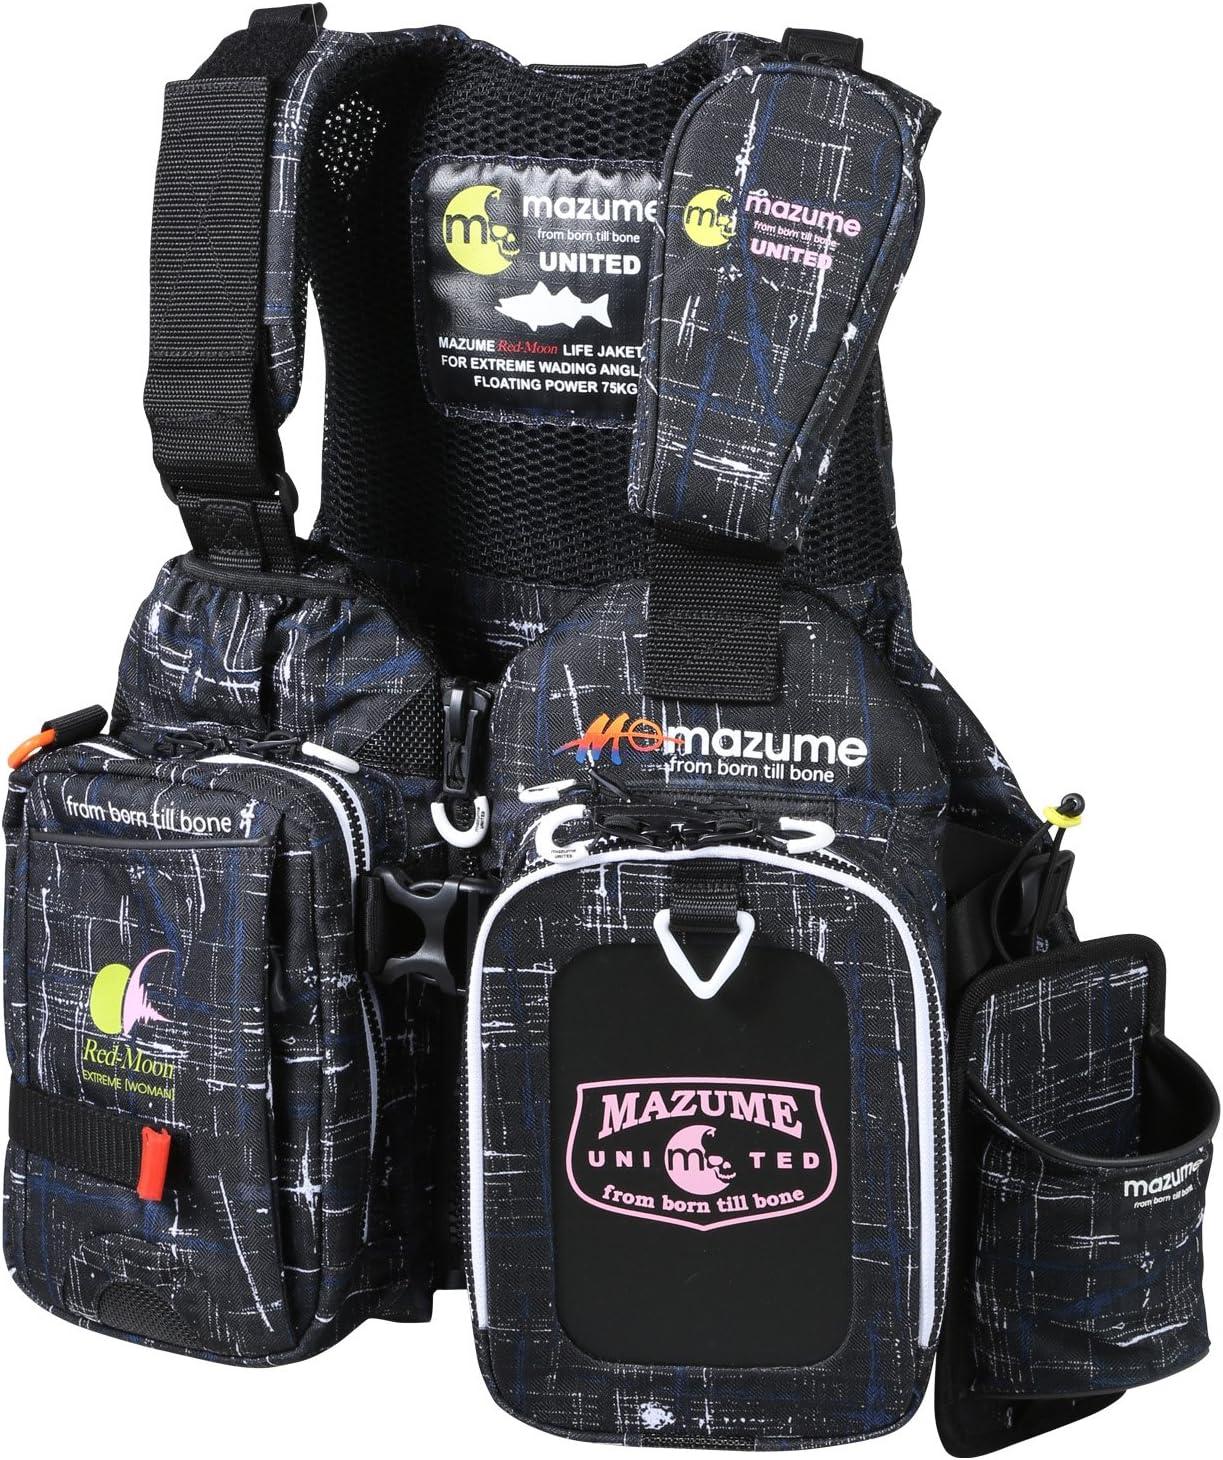 MAZUME(マズメ) レッドムーンライフジャケット WOMAN & JUNIOR MZLJ-364-02 ブラックカスリ F